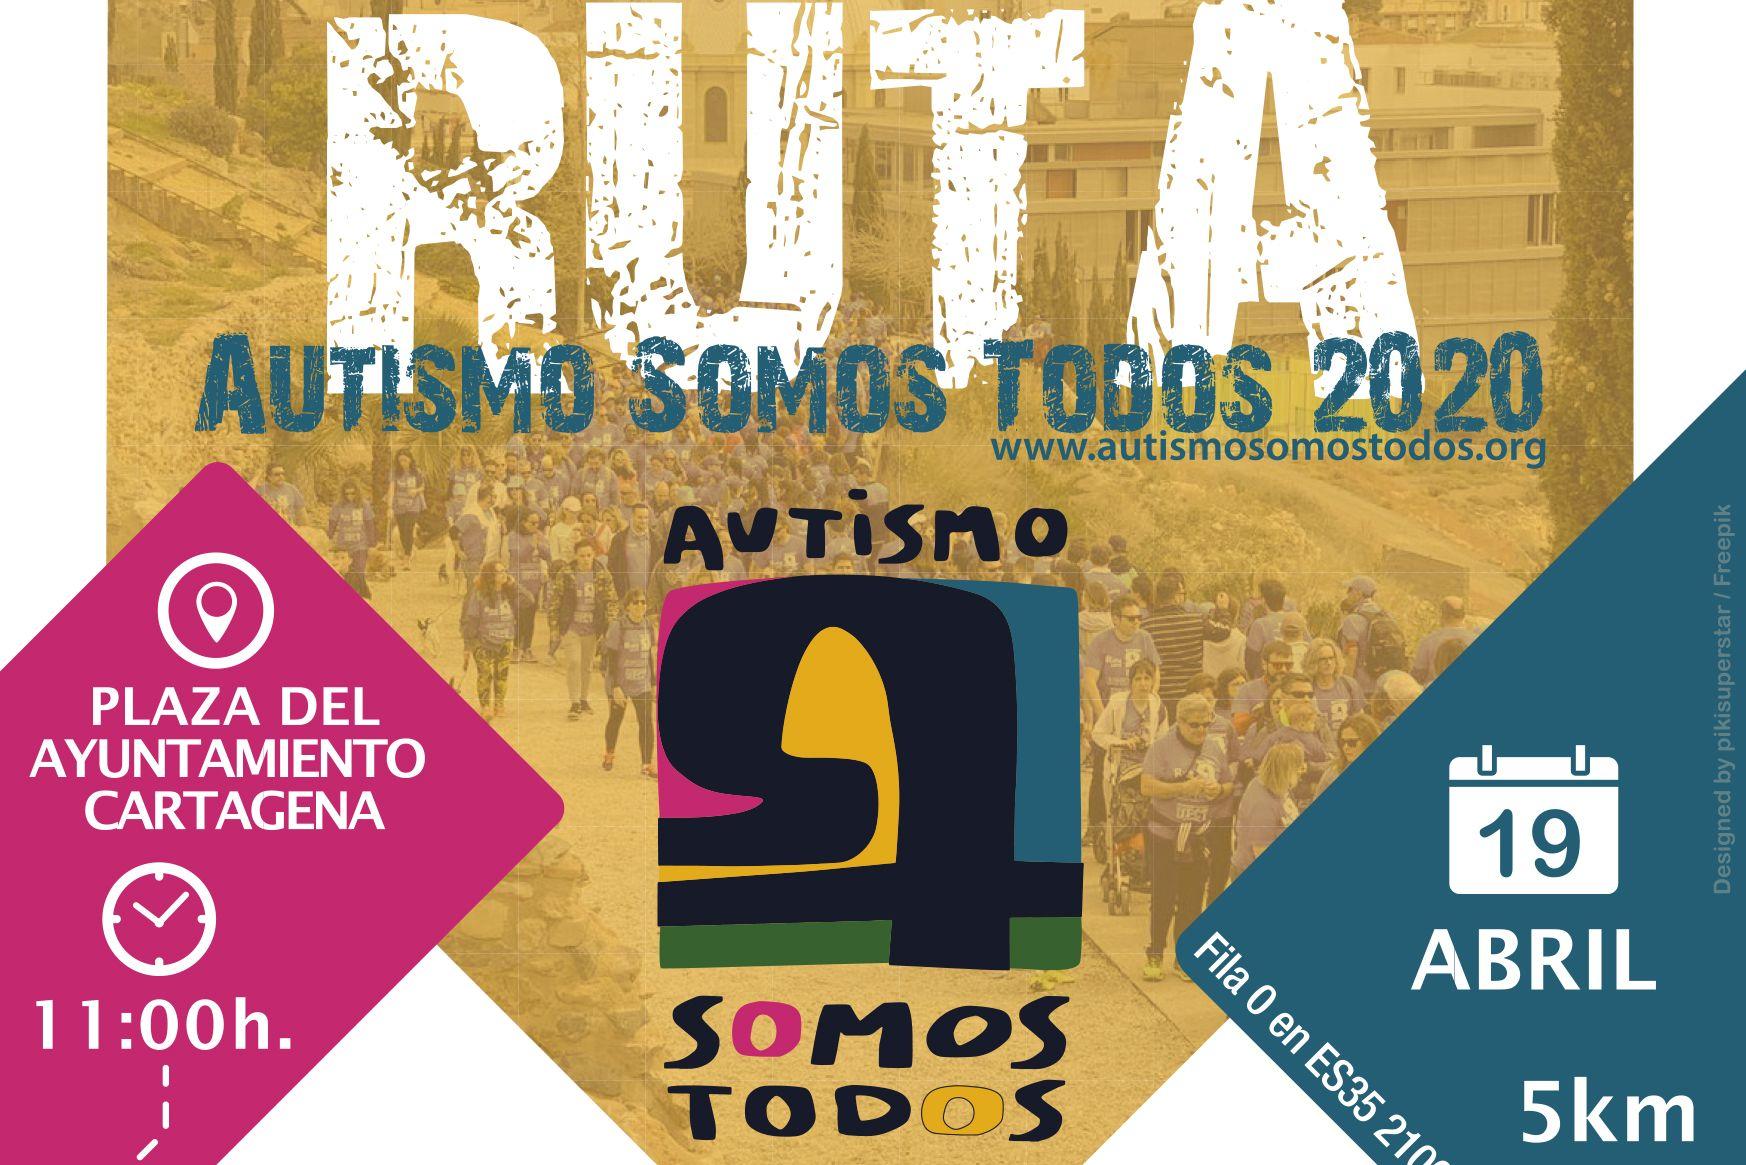 RUTA BENÉFICA: AUTISMO SOMOS TODOS (Plaza del Ayuntamiento)